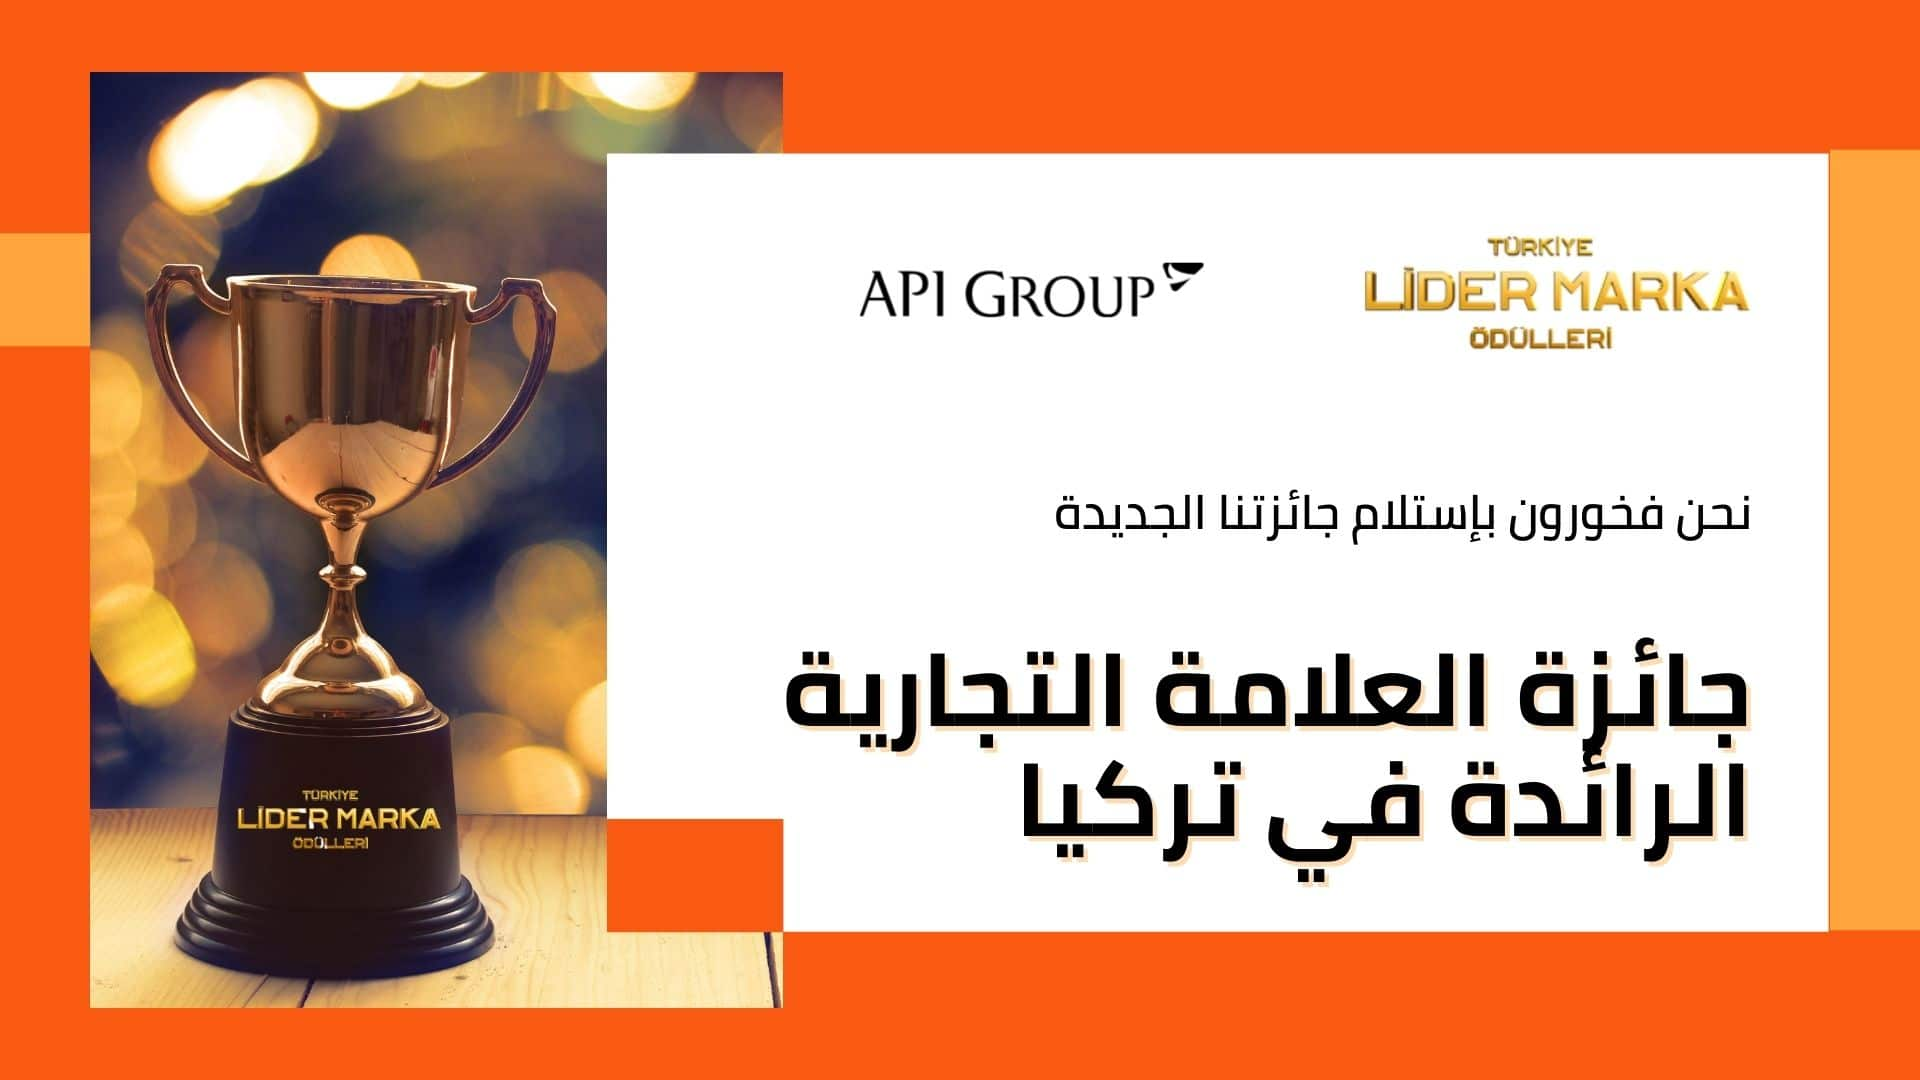 API GROUP AWARDS